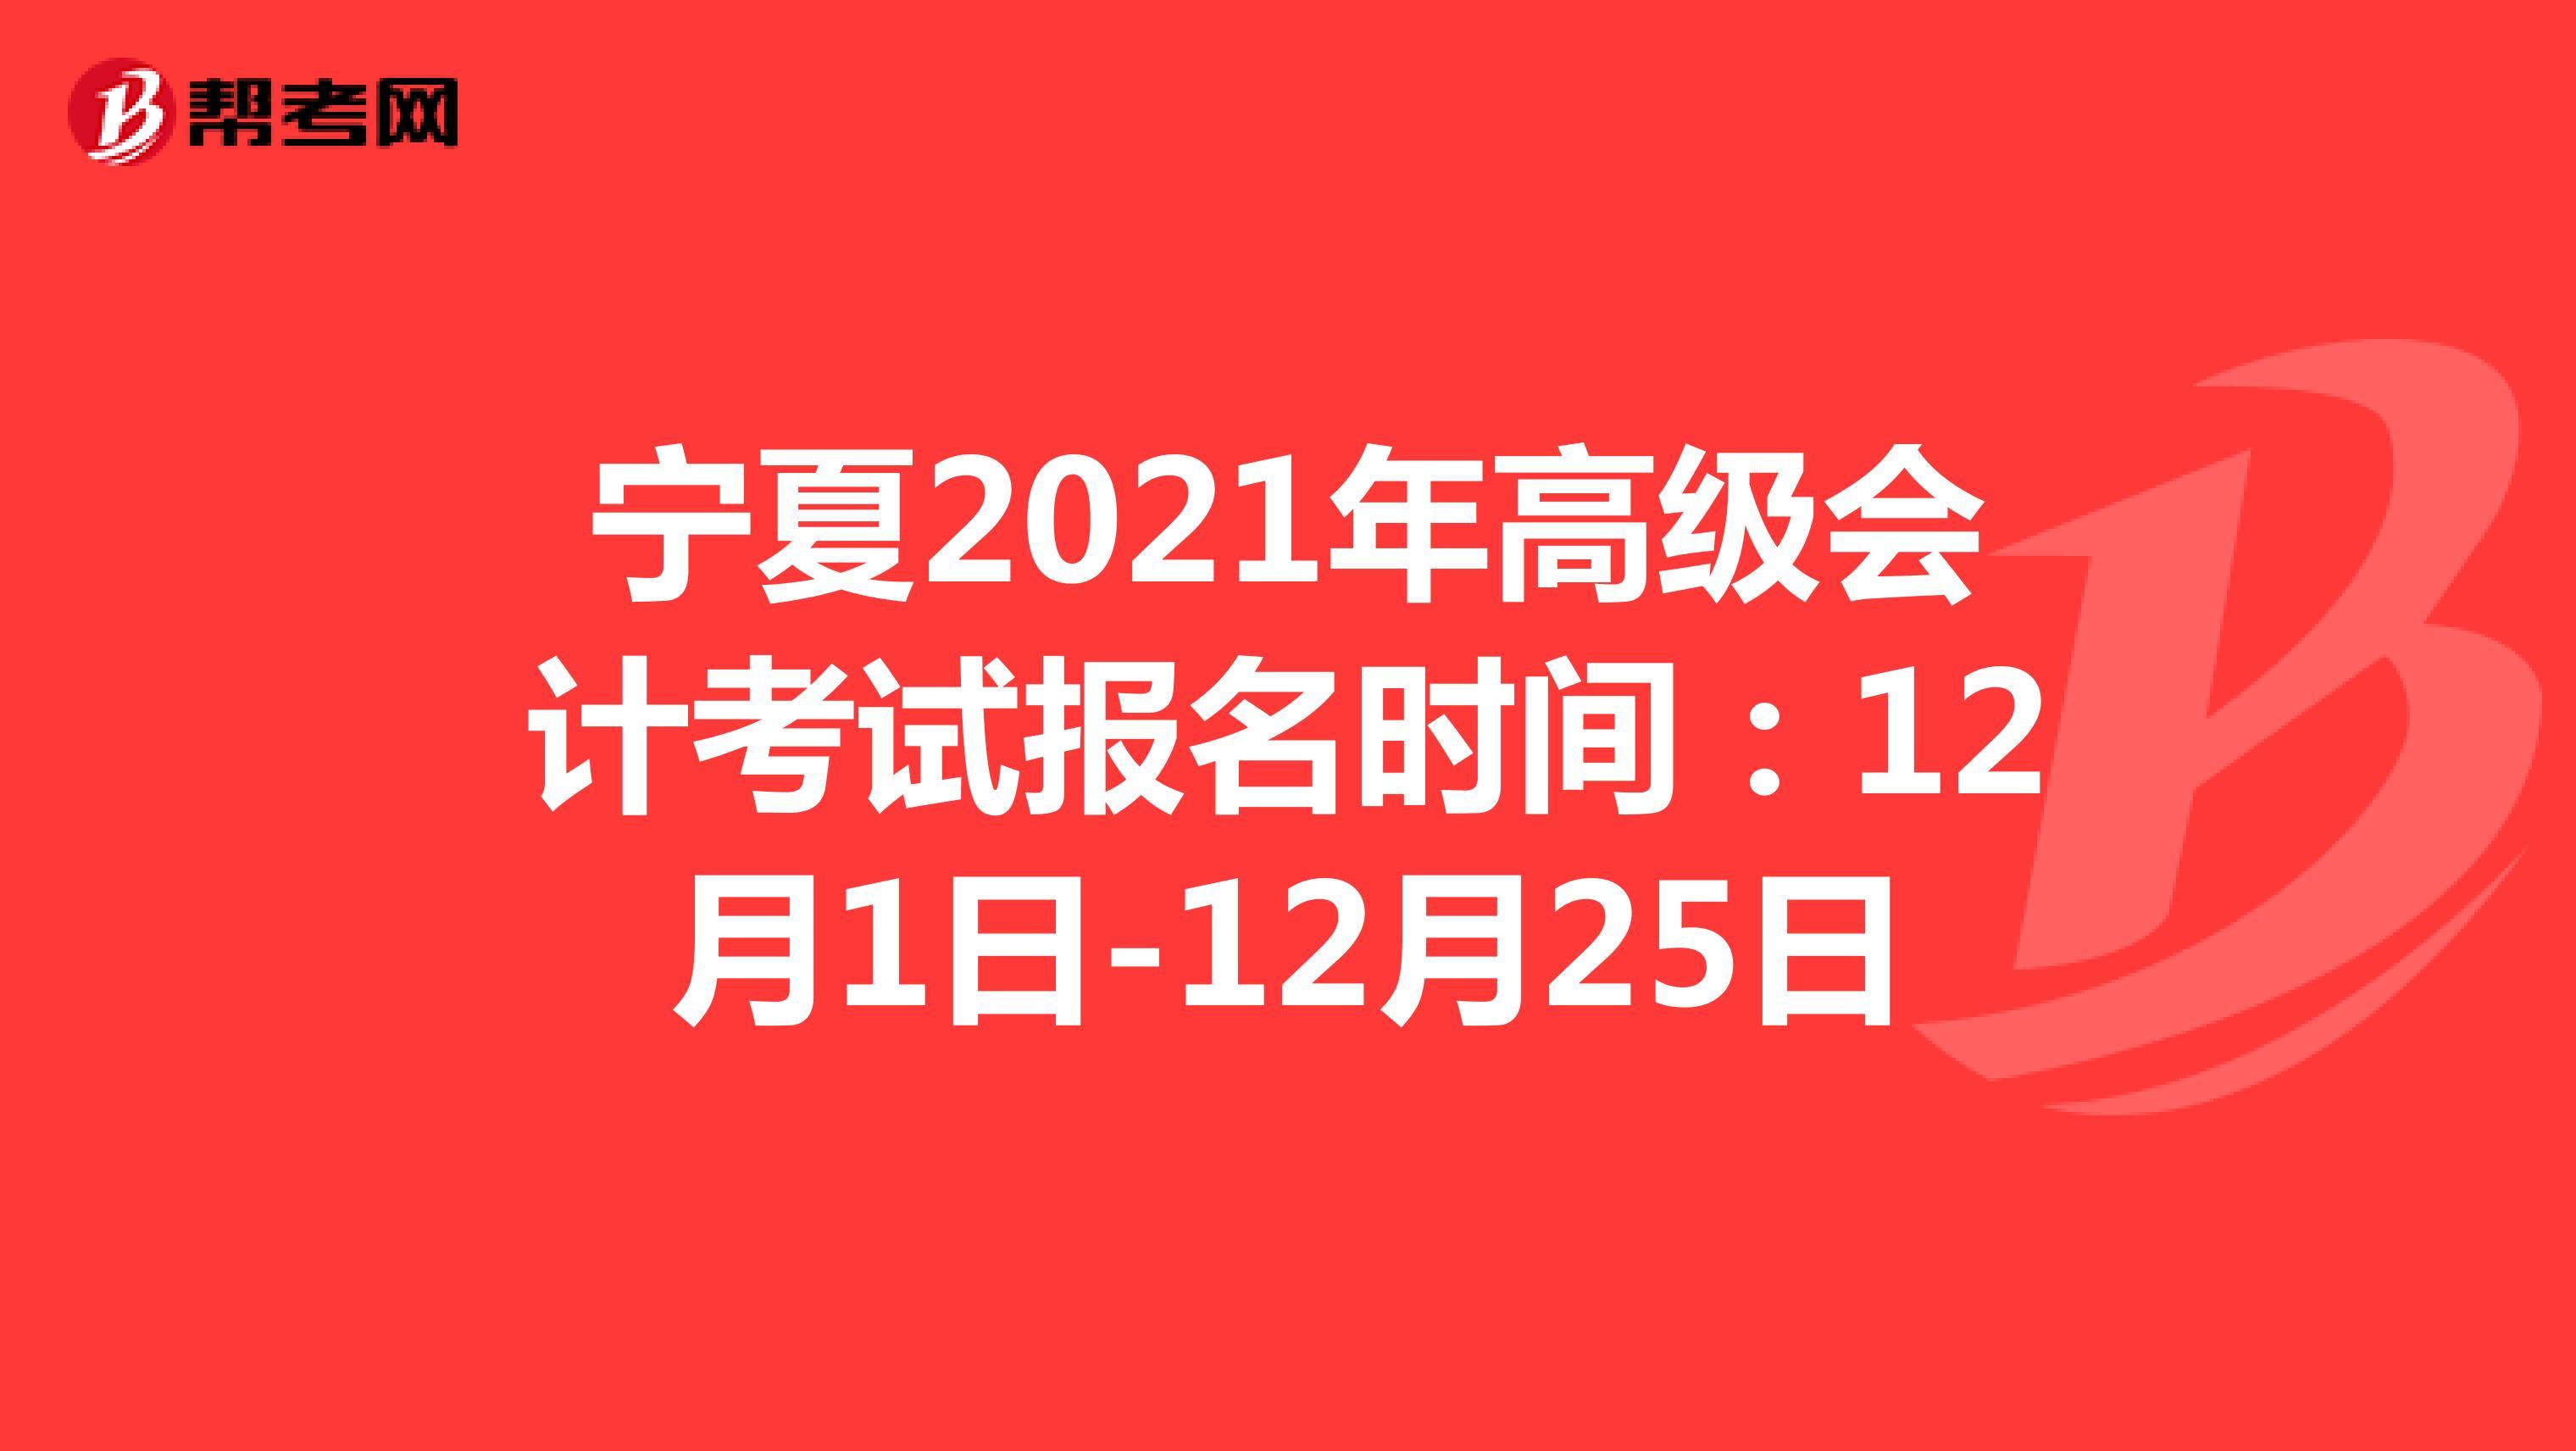 宁夏2021年高级会计考试报名时间:12月1日-24日